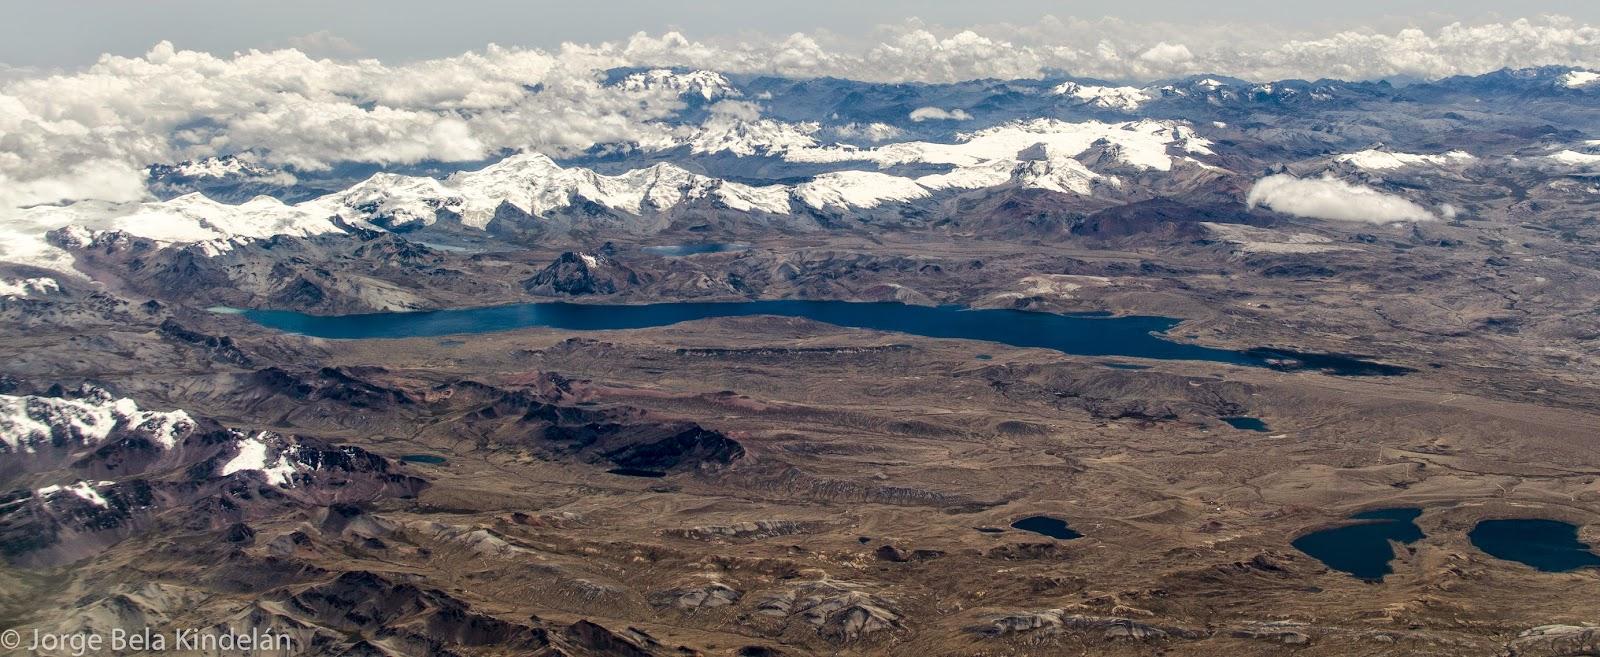 Cordillera de Cuzco desde el aire. Foto: Jorge Bela